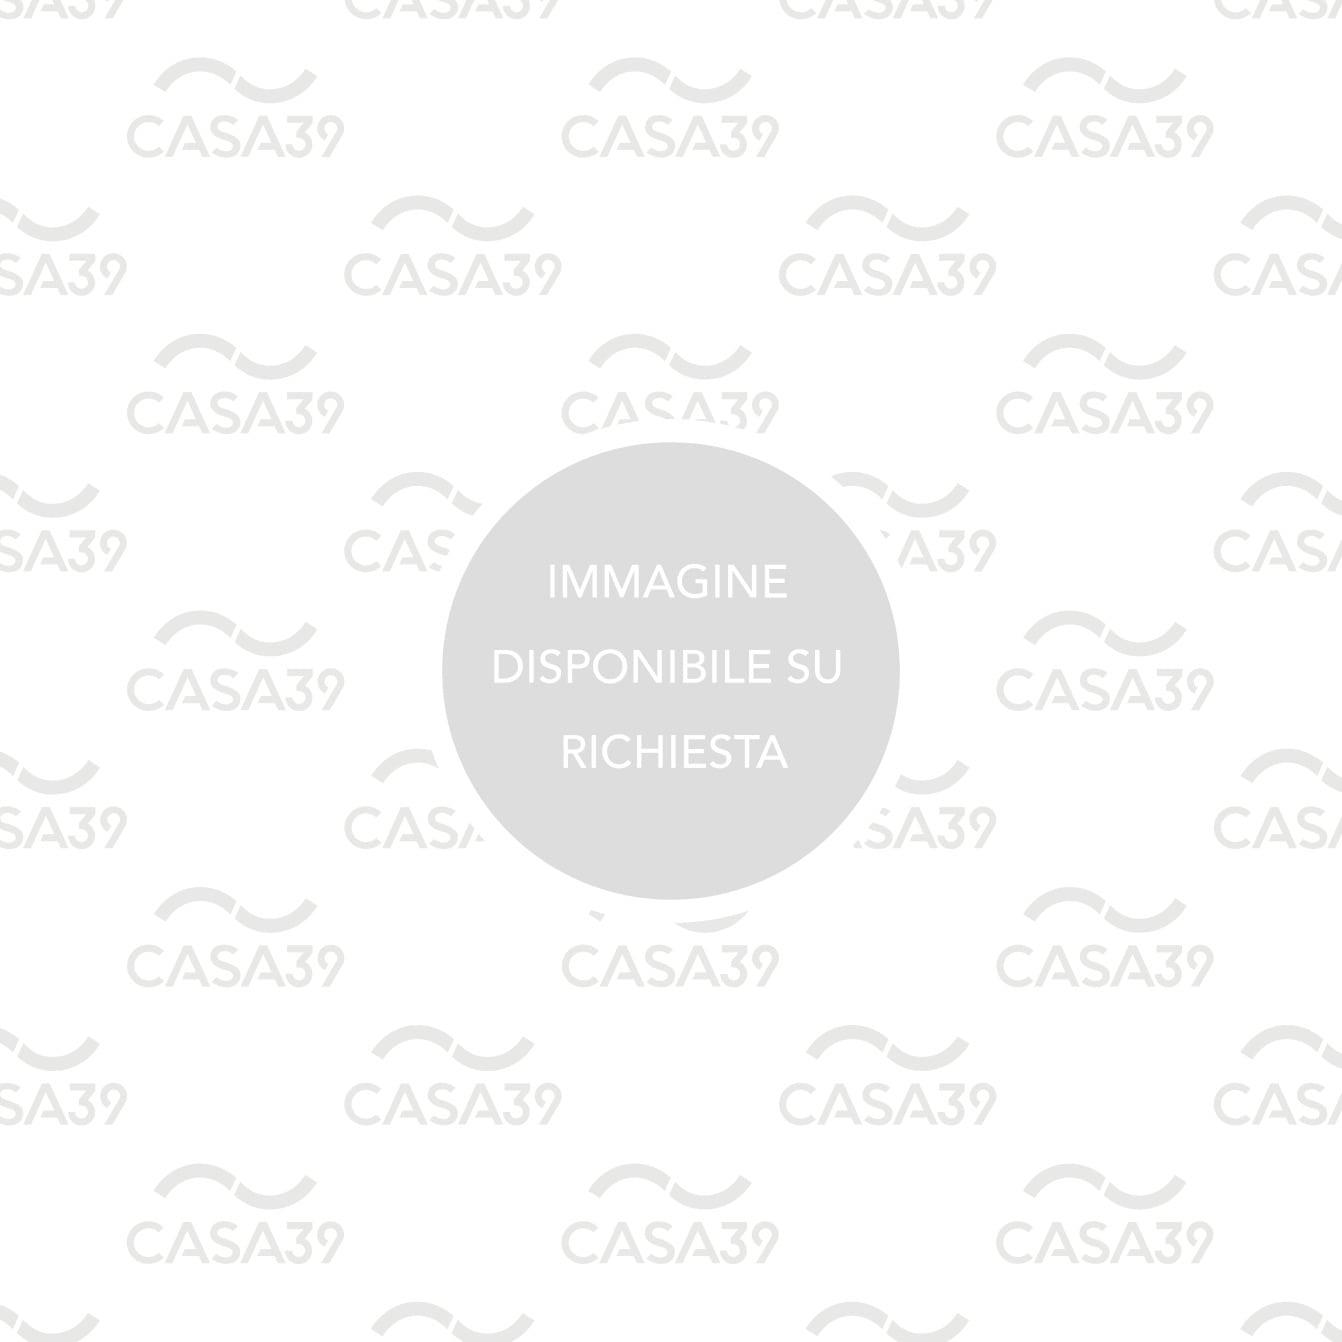 Marazzi materika grigio 40x120 cm mmfs ✌su casa39.it